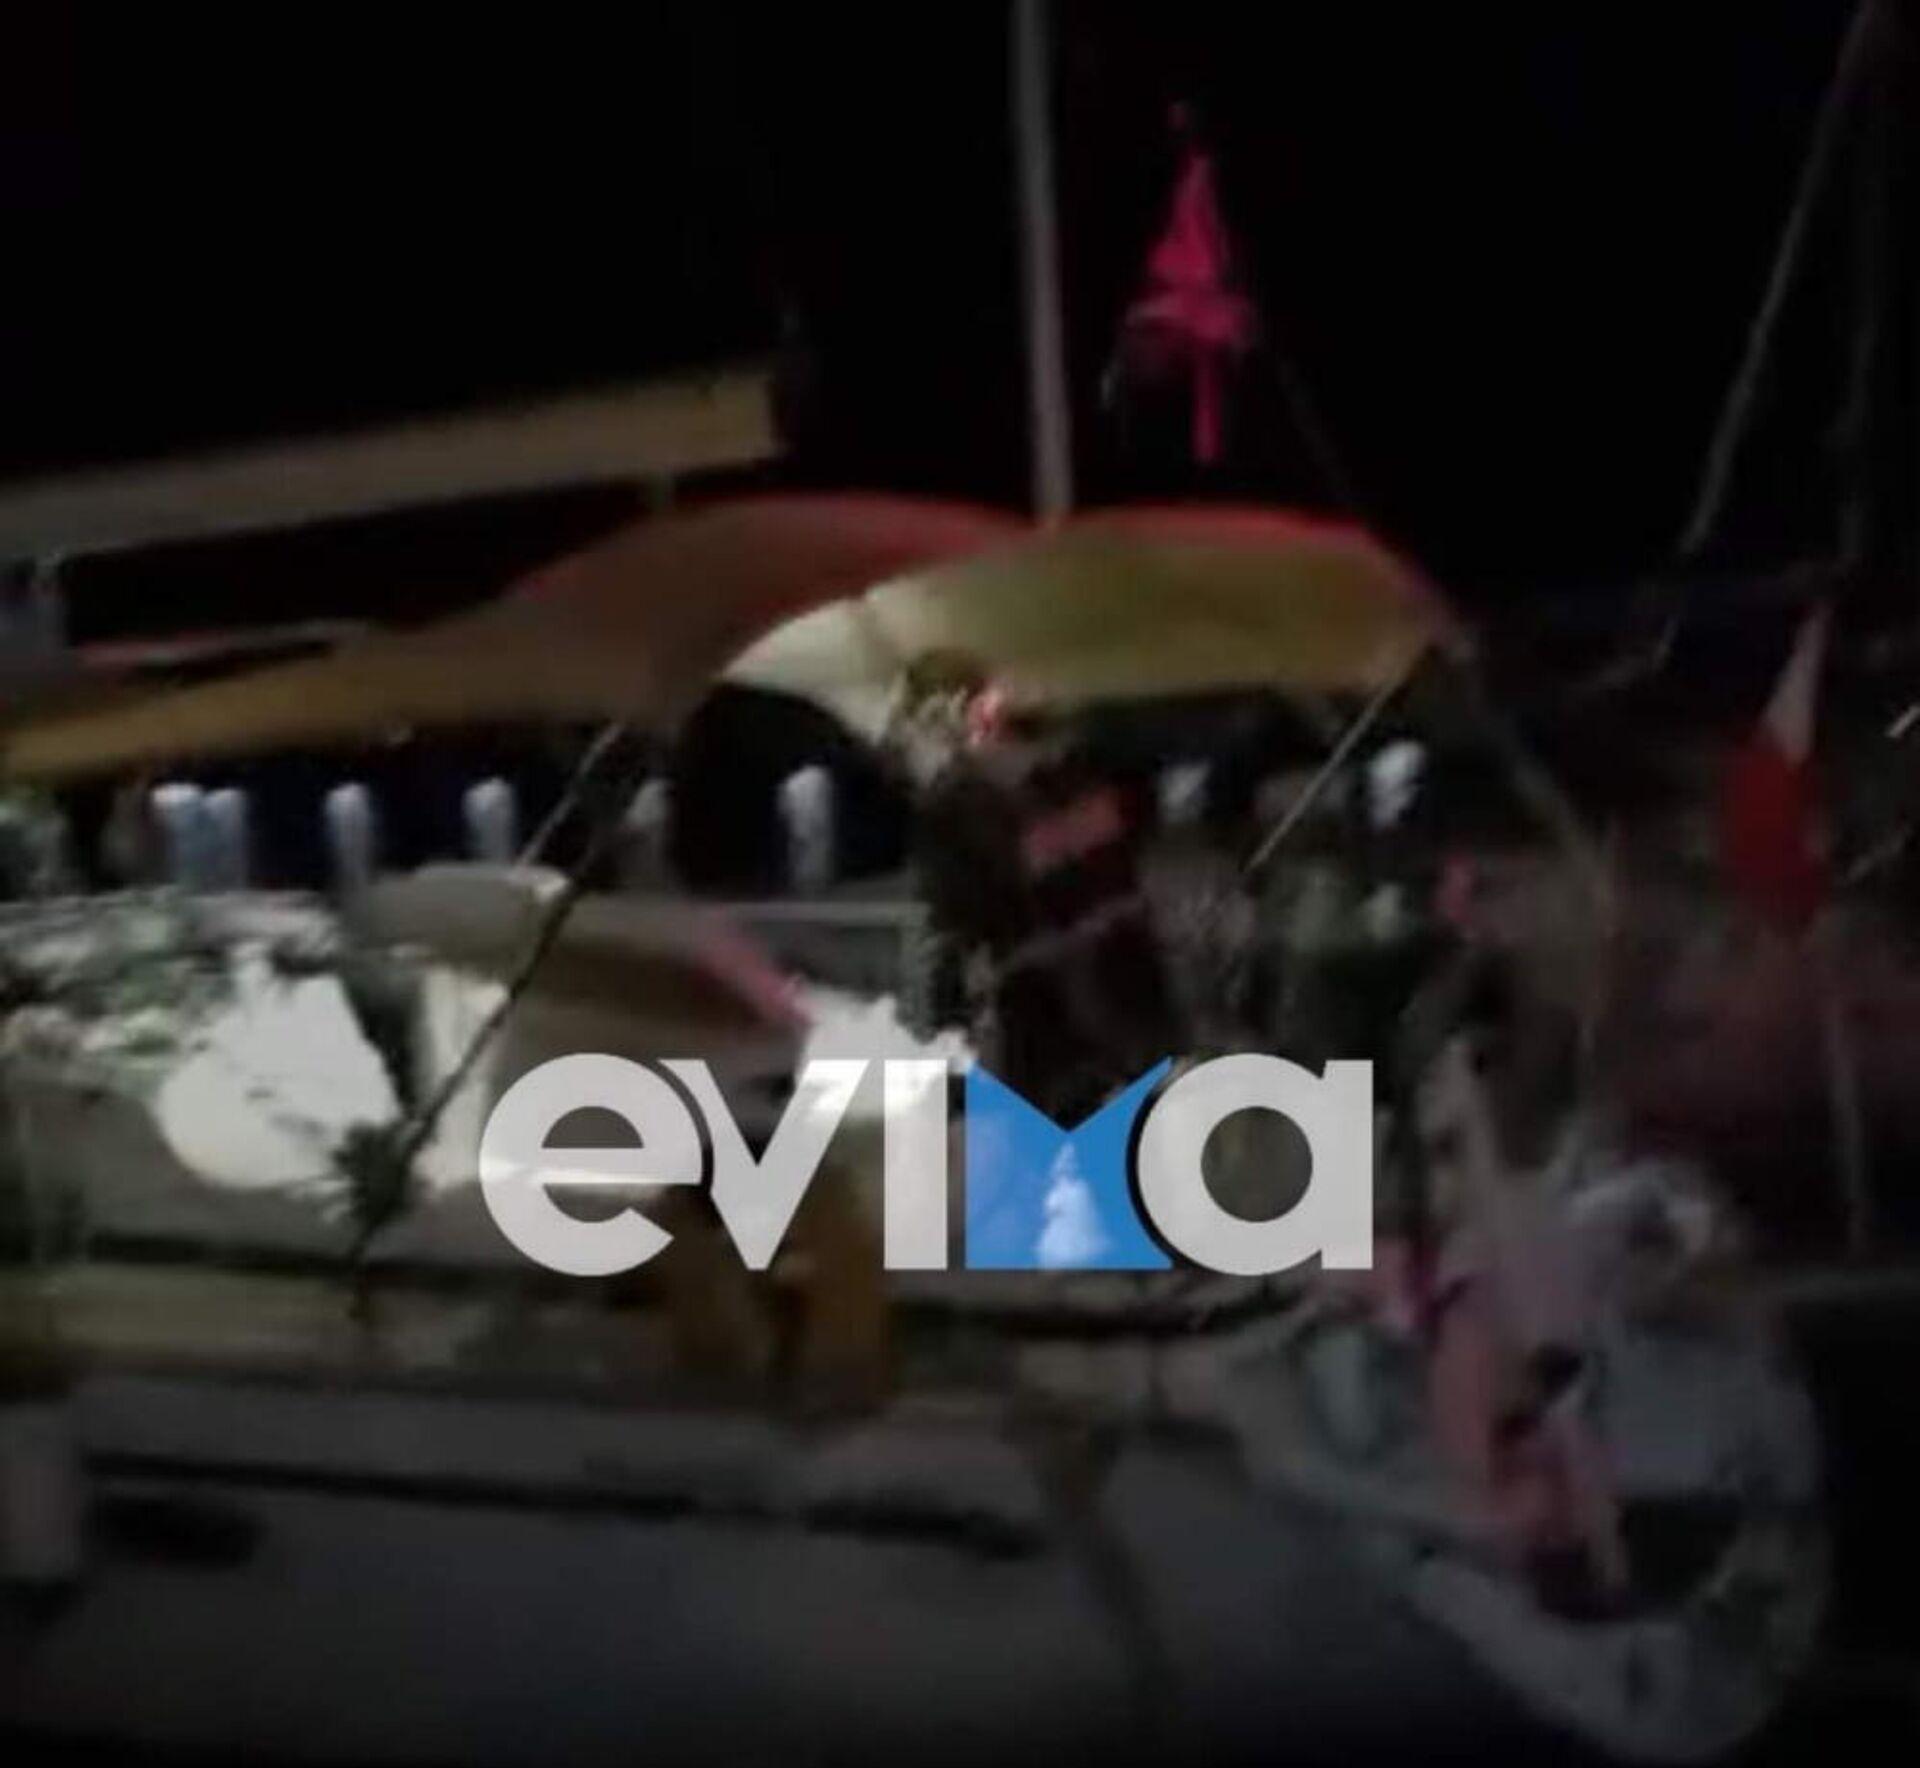 Σκάφος τυλίχθηκε στις φλόγες στο λιμάνι της Καρύστου, 25 Σεπτεμβρίου 2021 - Sputnik Ελλάδα, 1920, 25.09.2021